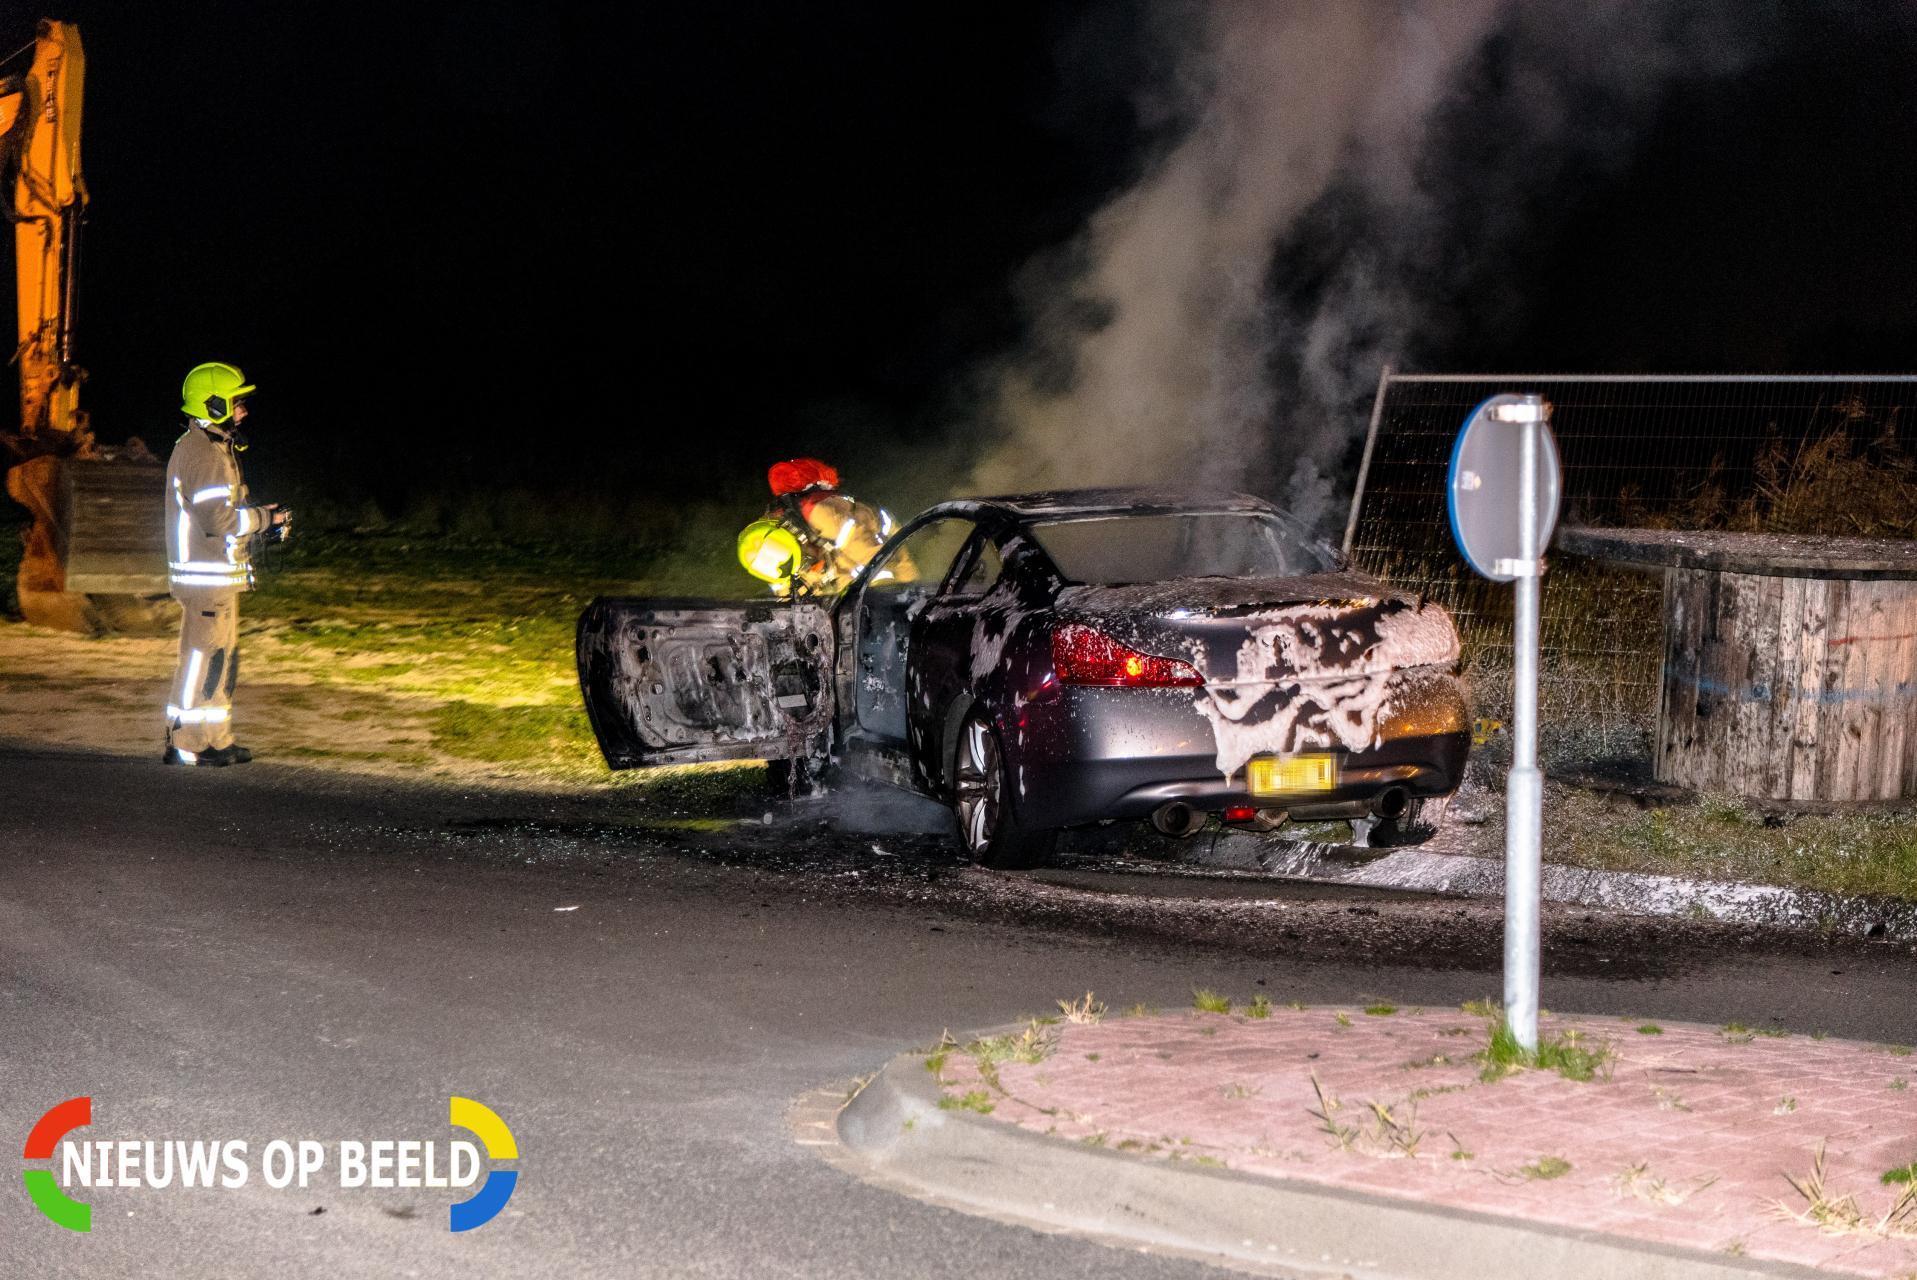 Brandweer blust fikse voertuigbrand Zevenmeet Rhoon